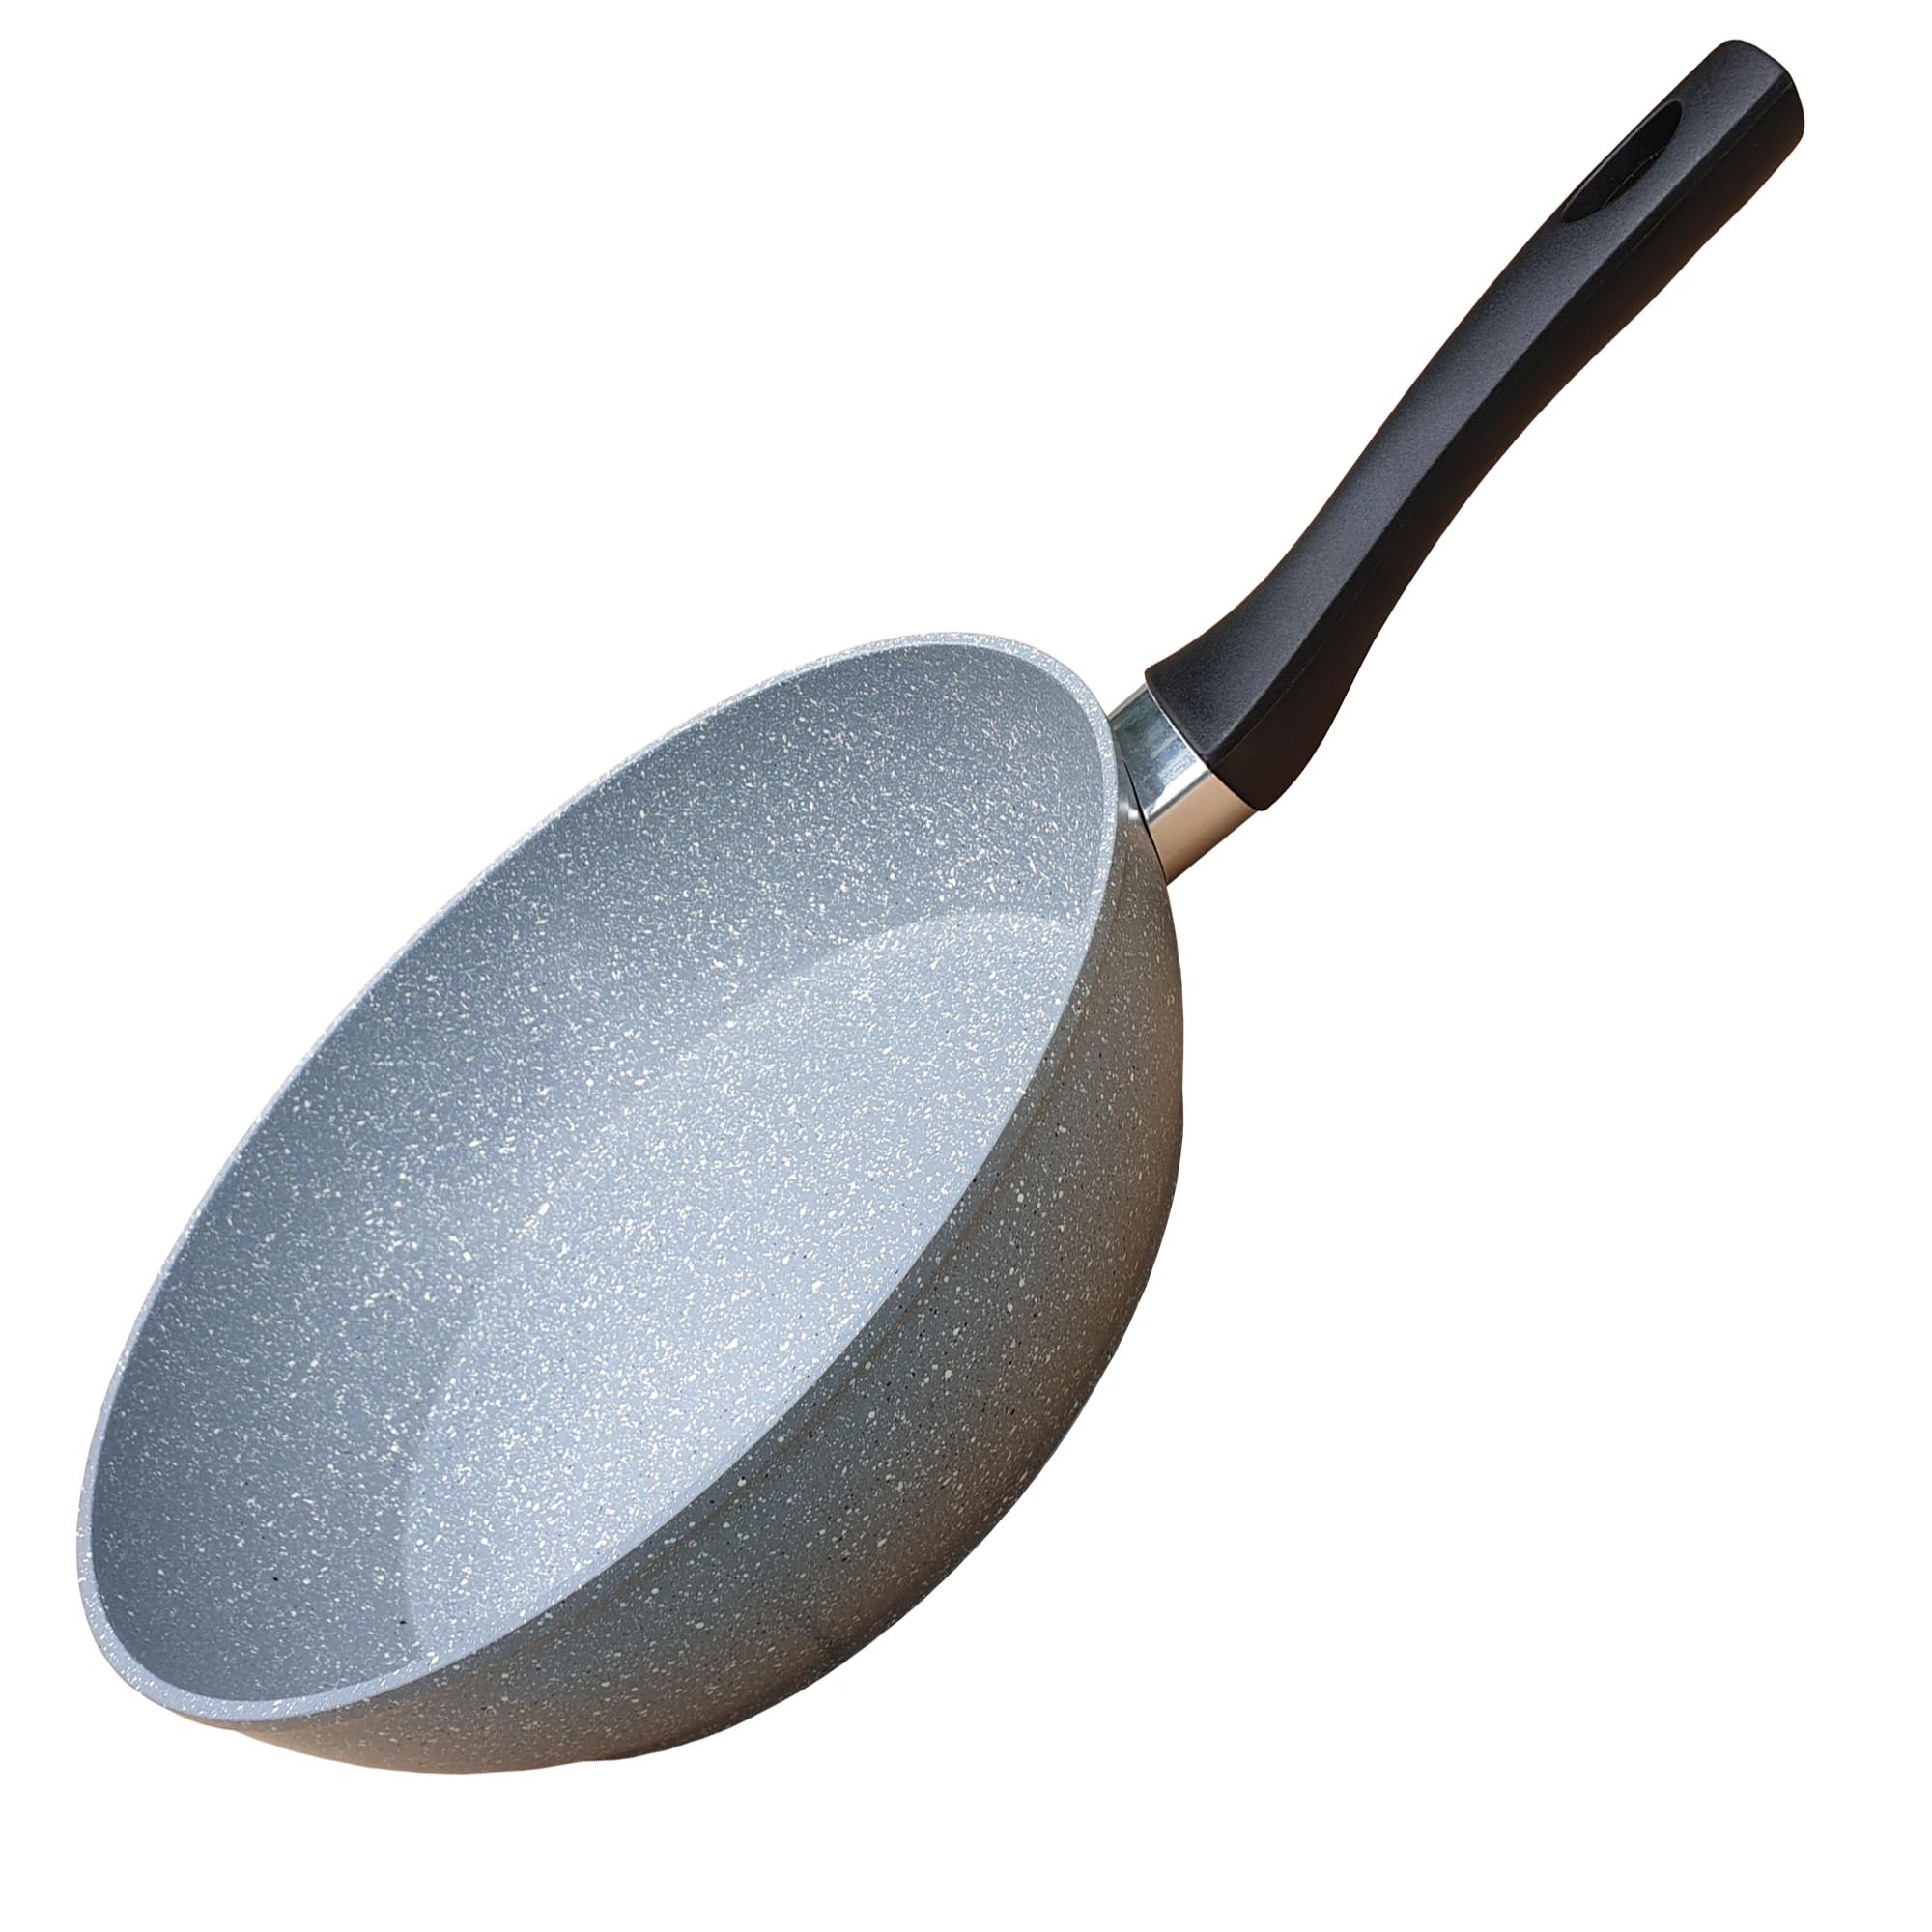 Chảo vân đá chống dính đáy từ sâu lòng GREEN COOK GCP02-24IHB 24 cm tay cầm chịu nhiệt màu đen - Hàng chính hãng